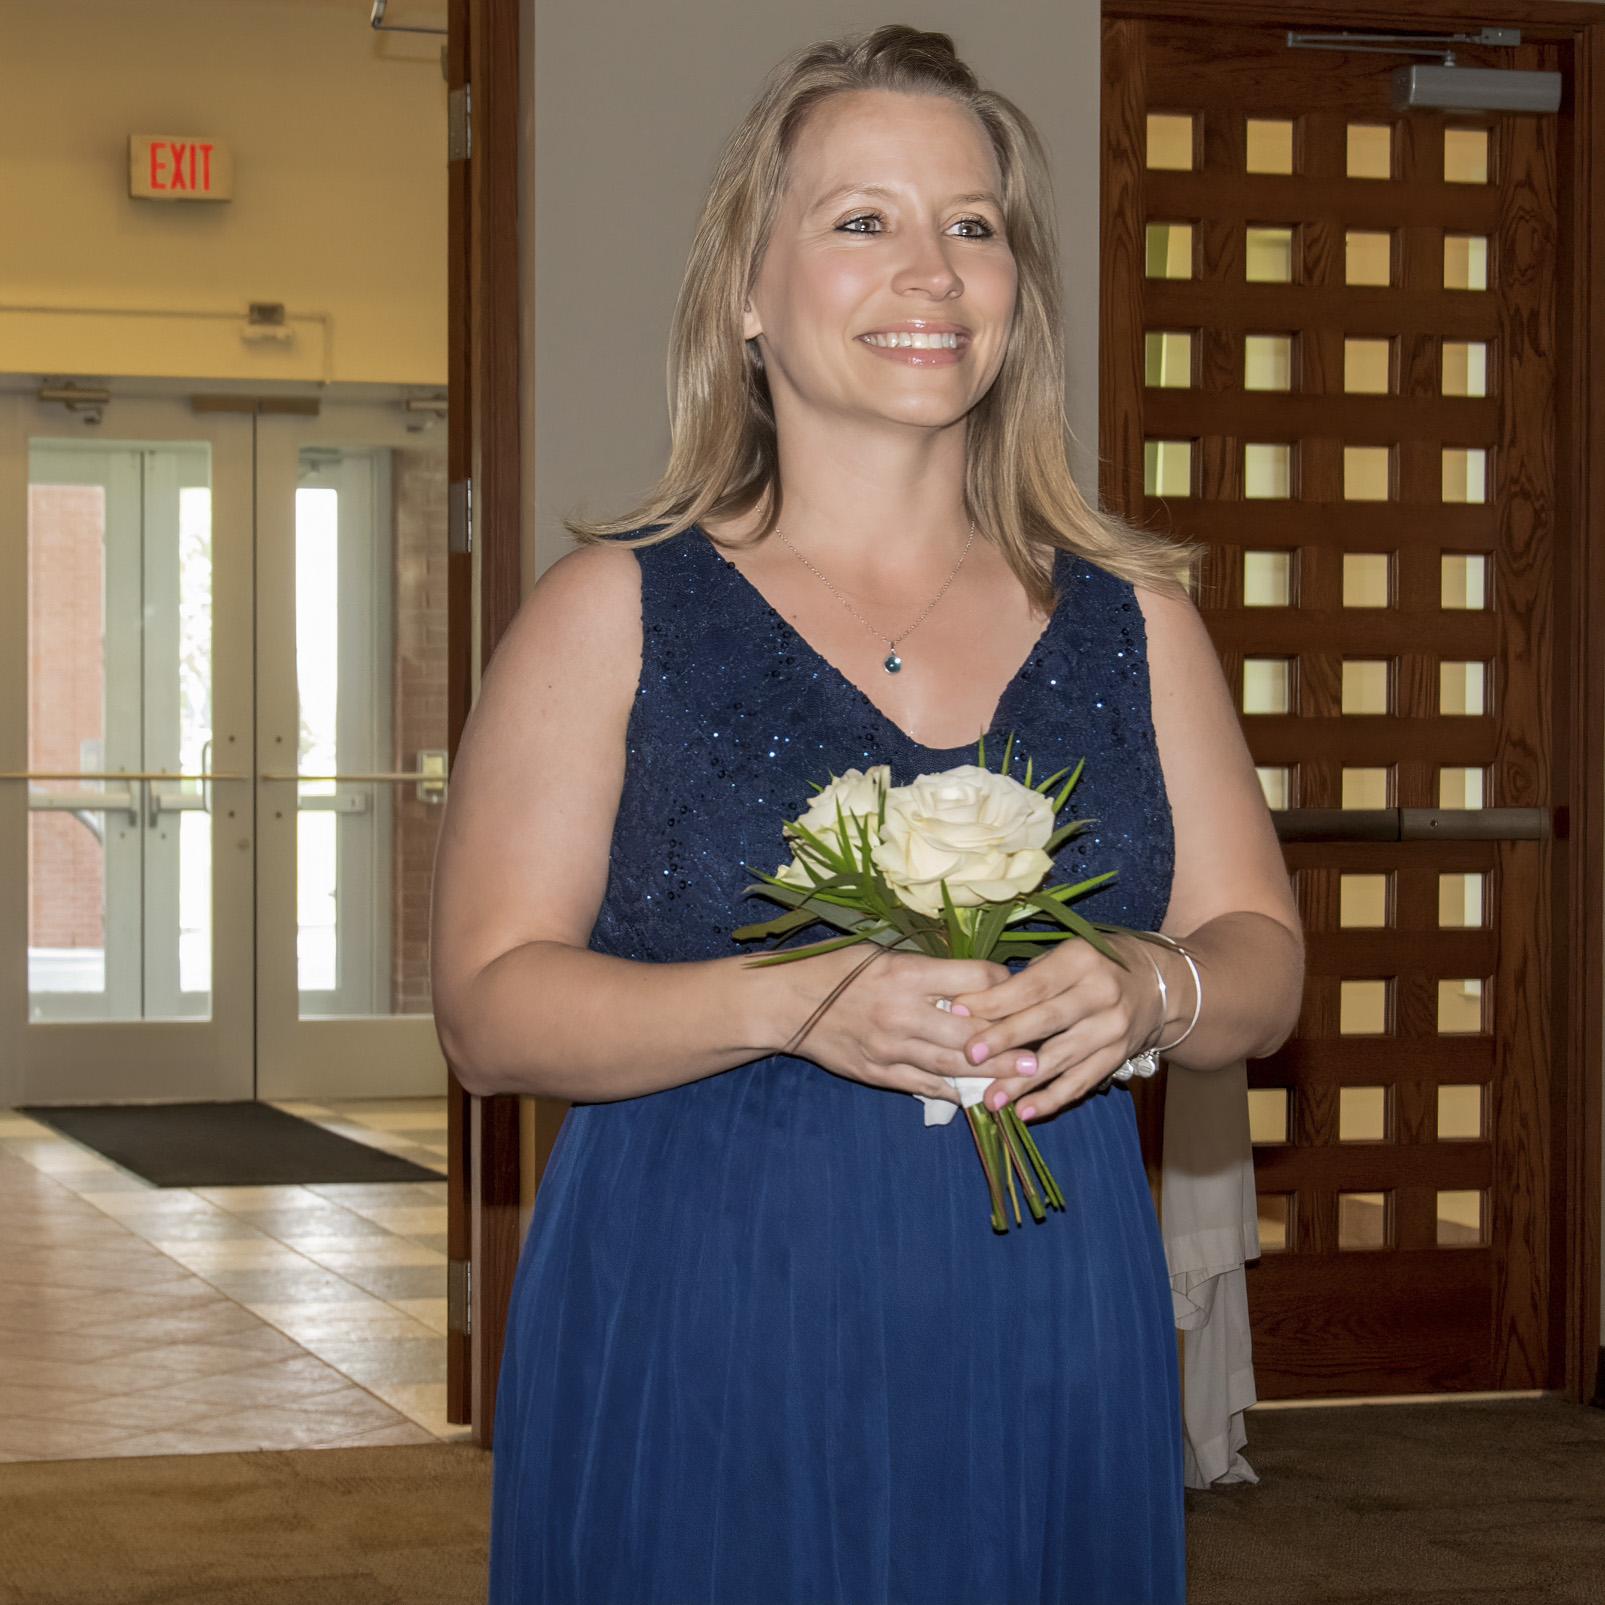 Kristin's sister, Sheena